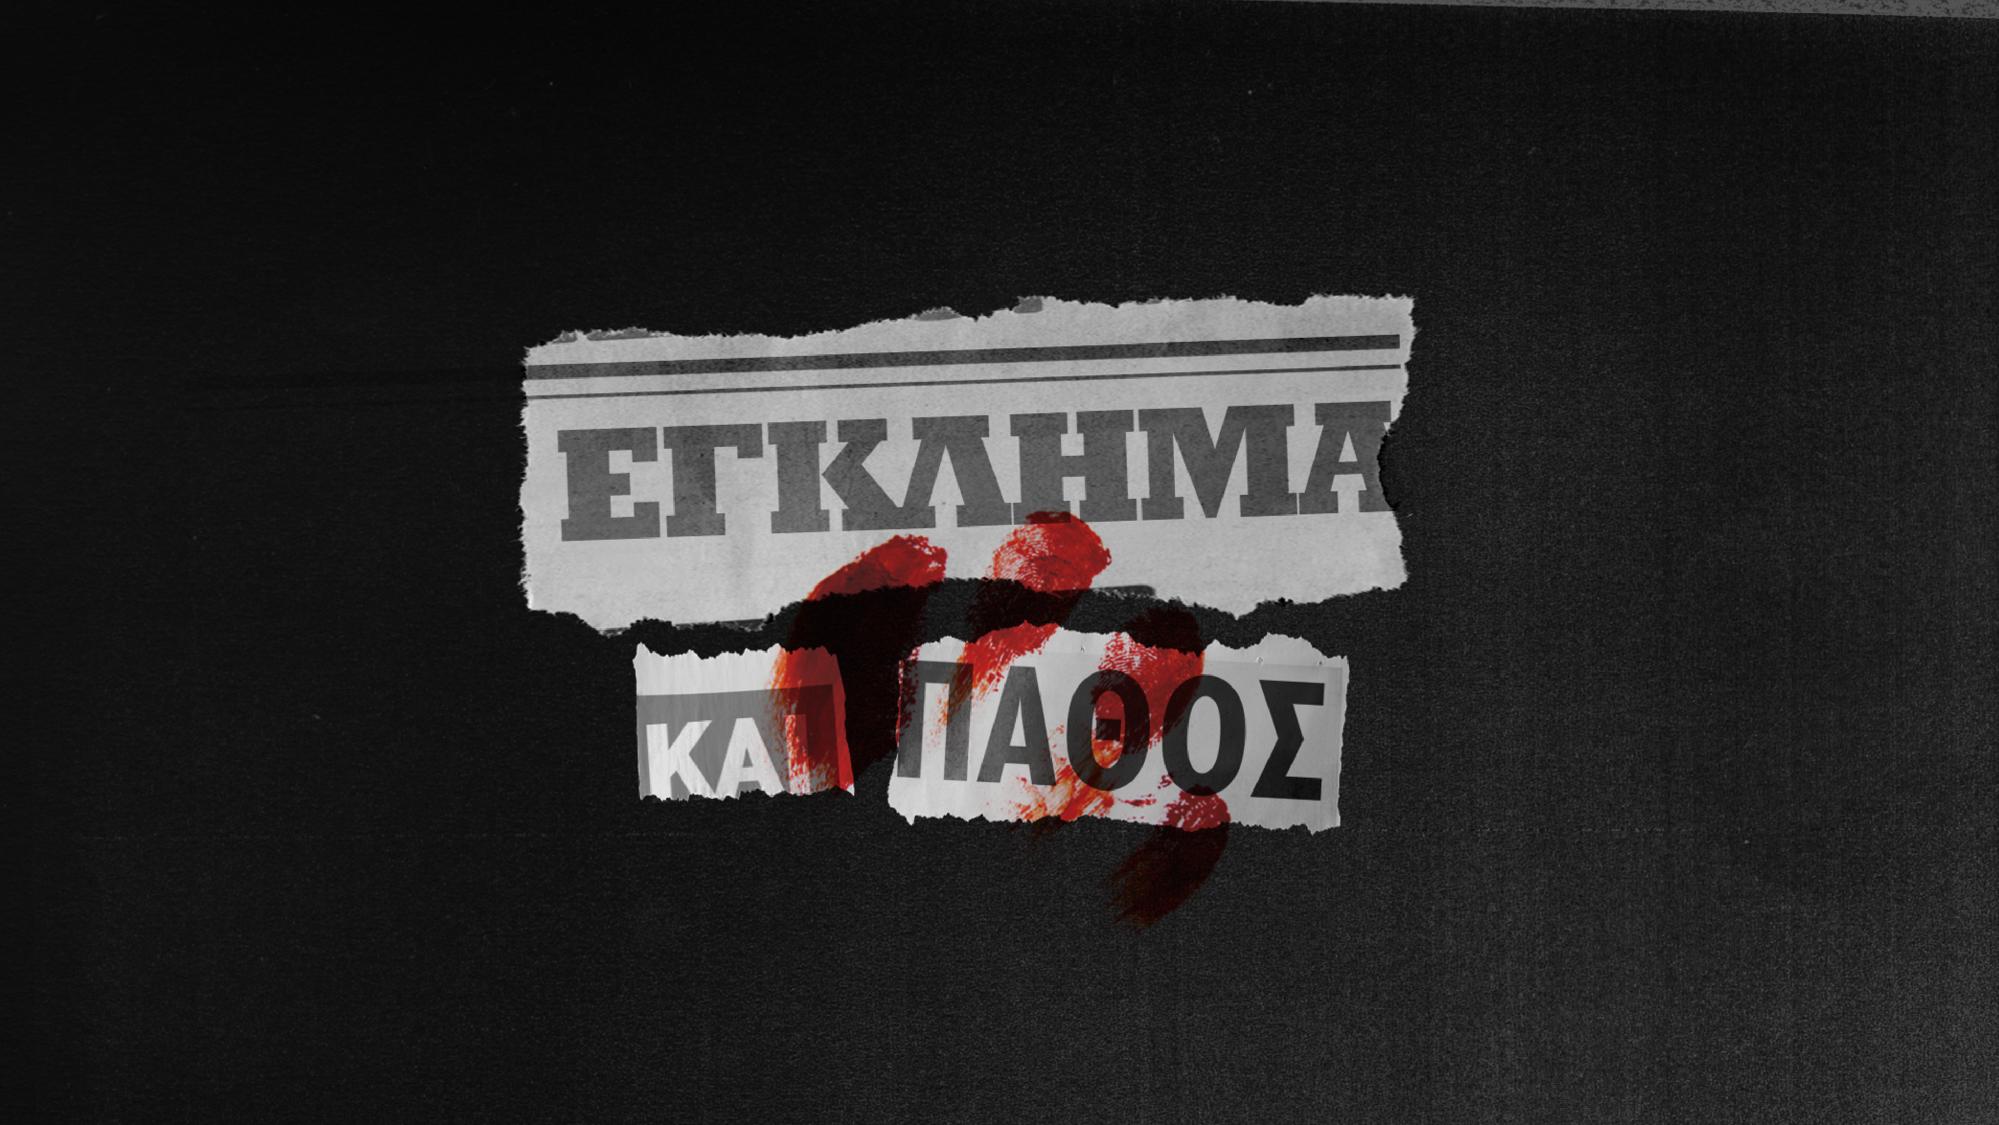 «Εγκλημα και πάθος»: Αυτή είναι η ολοκαίνουργια σειρά του ΑΝΤ1 που έρχεται για να… «σου κόψει την ανάσα»! | tlife.gr